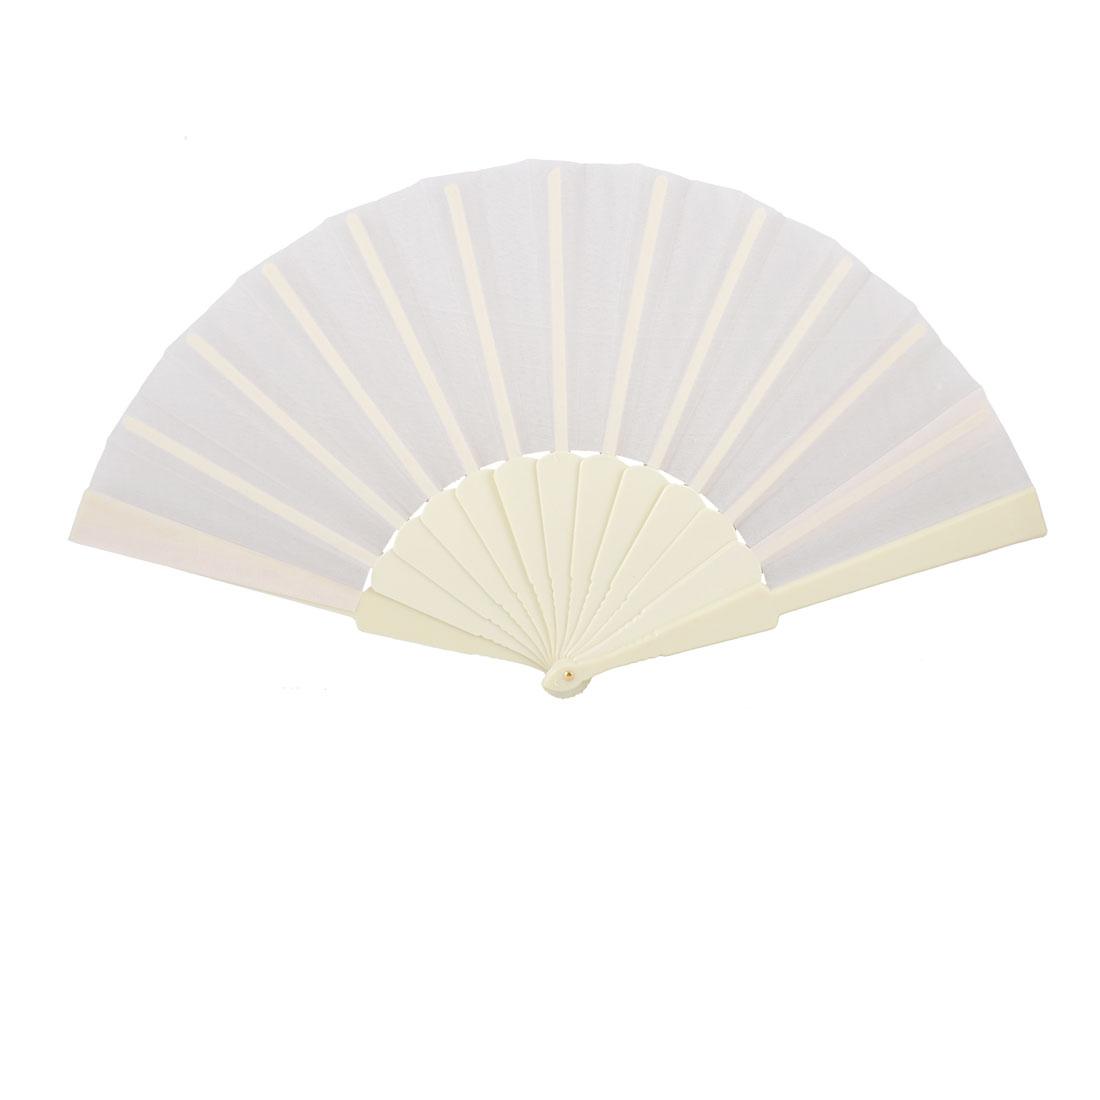 """Off White Plastic Frame Fabric 9"""" Long Folding Hand Fan Gift for Men Women"""